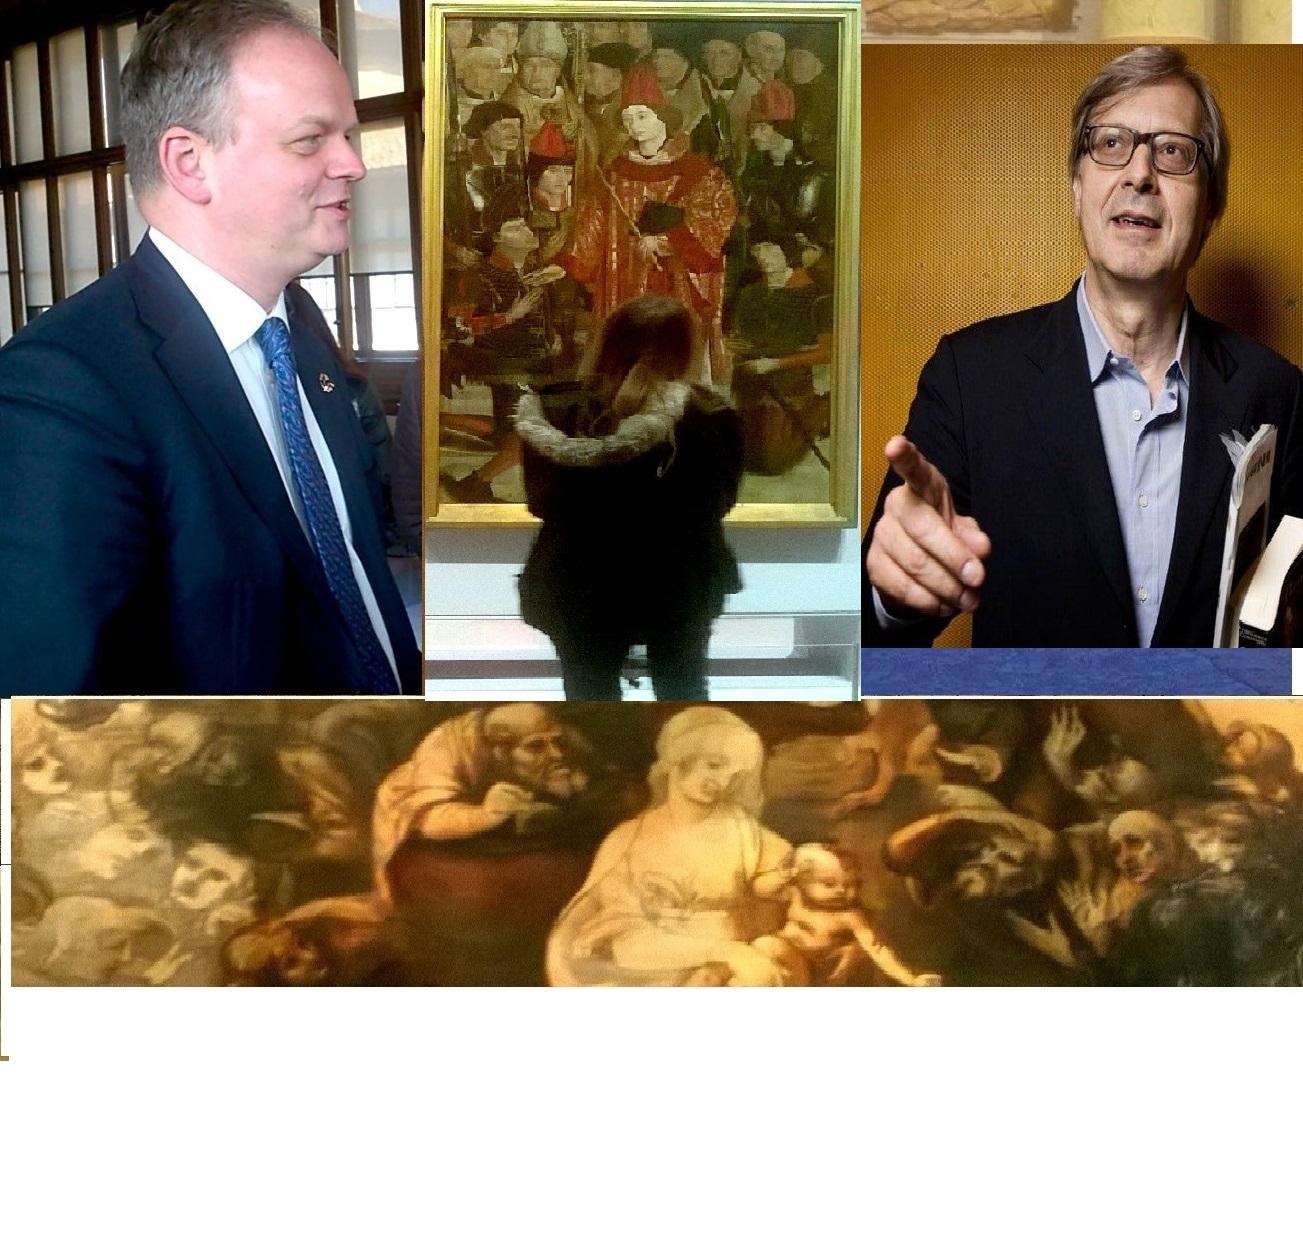 Il critico e lo storico, con Vittorio Sgarbi ed Eike Schmidt